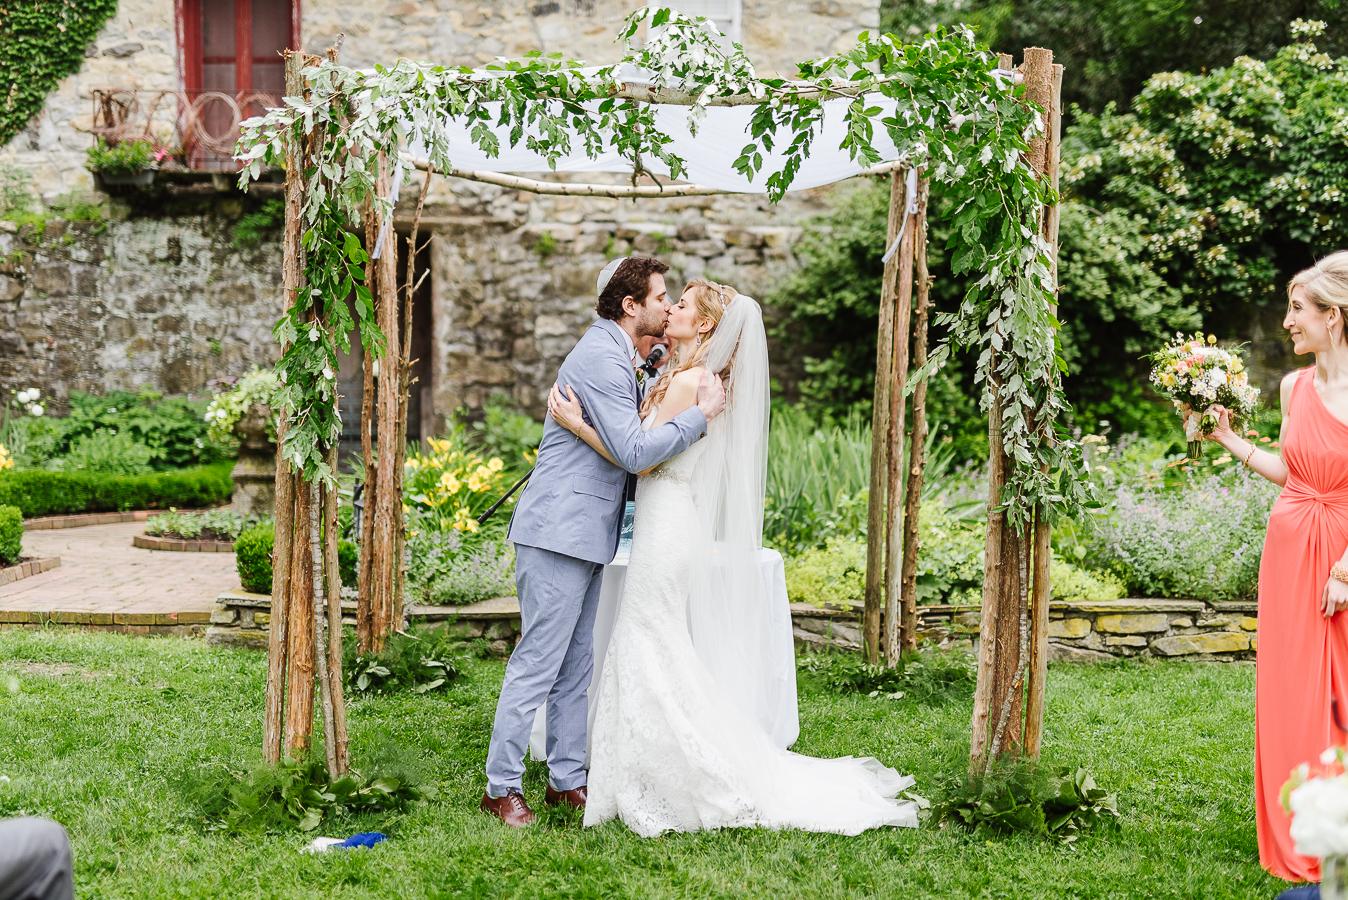 Stylish Crossed Keys Inn Wedding Crossed Keys Wedding Crossed Keys Inn Andover NJ Longbrook Photography-47.jpg